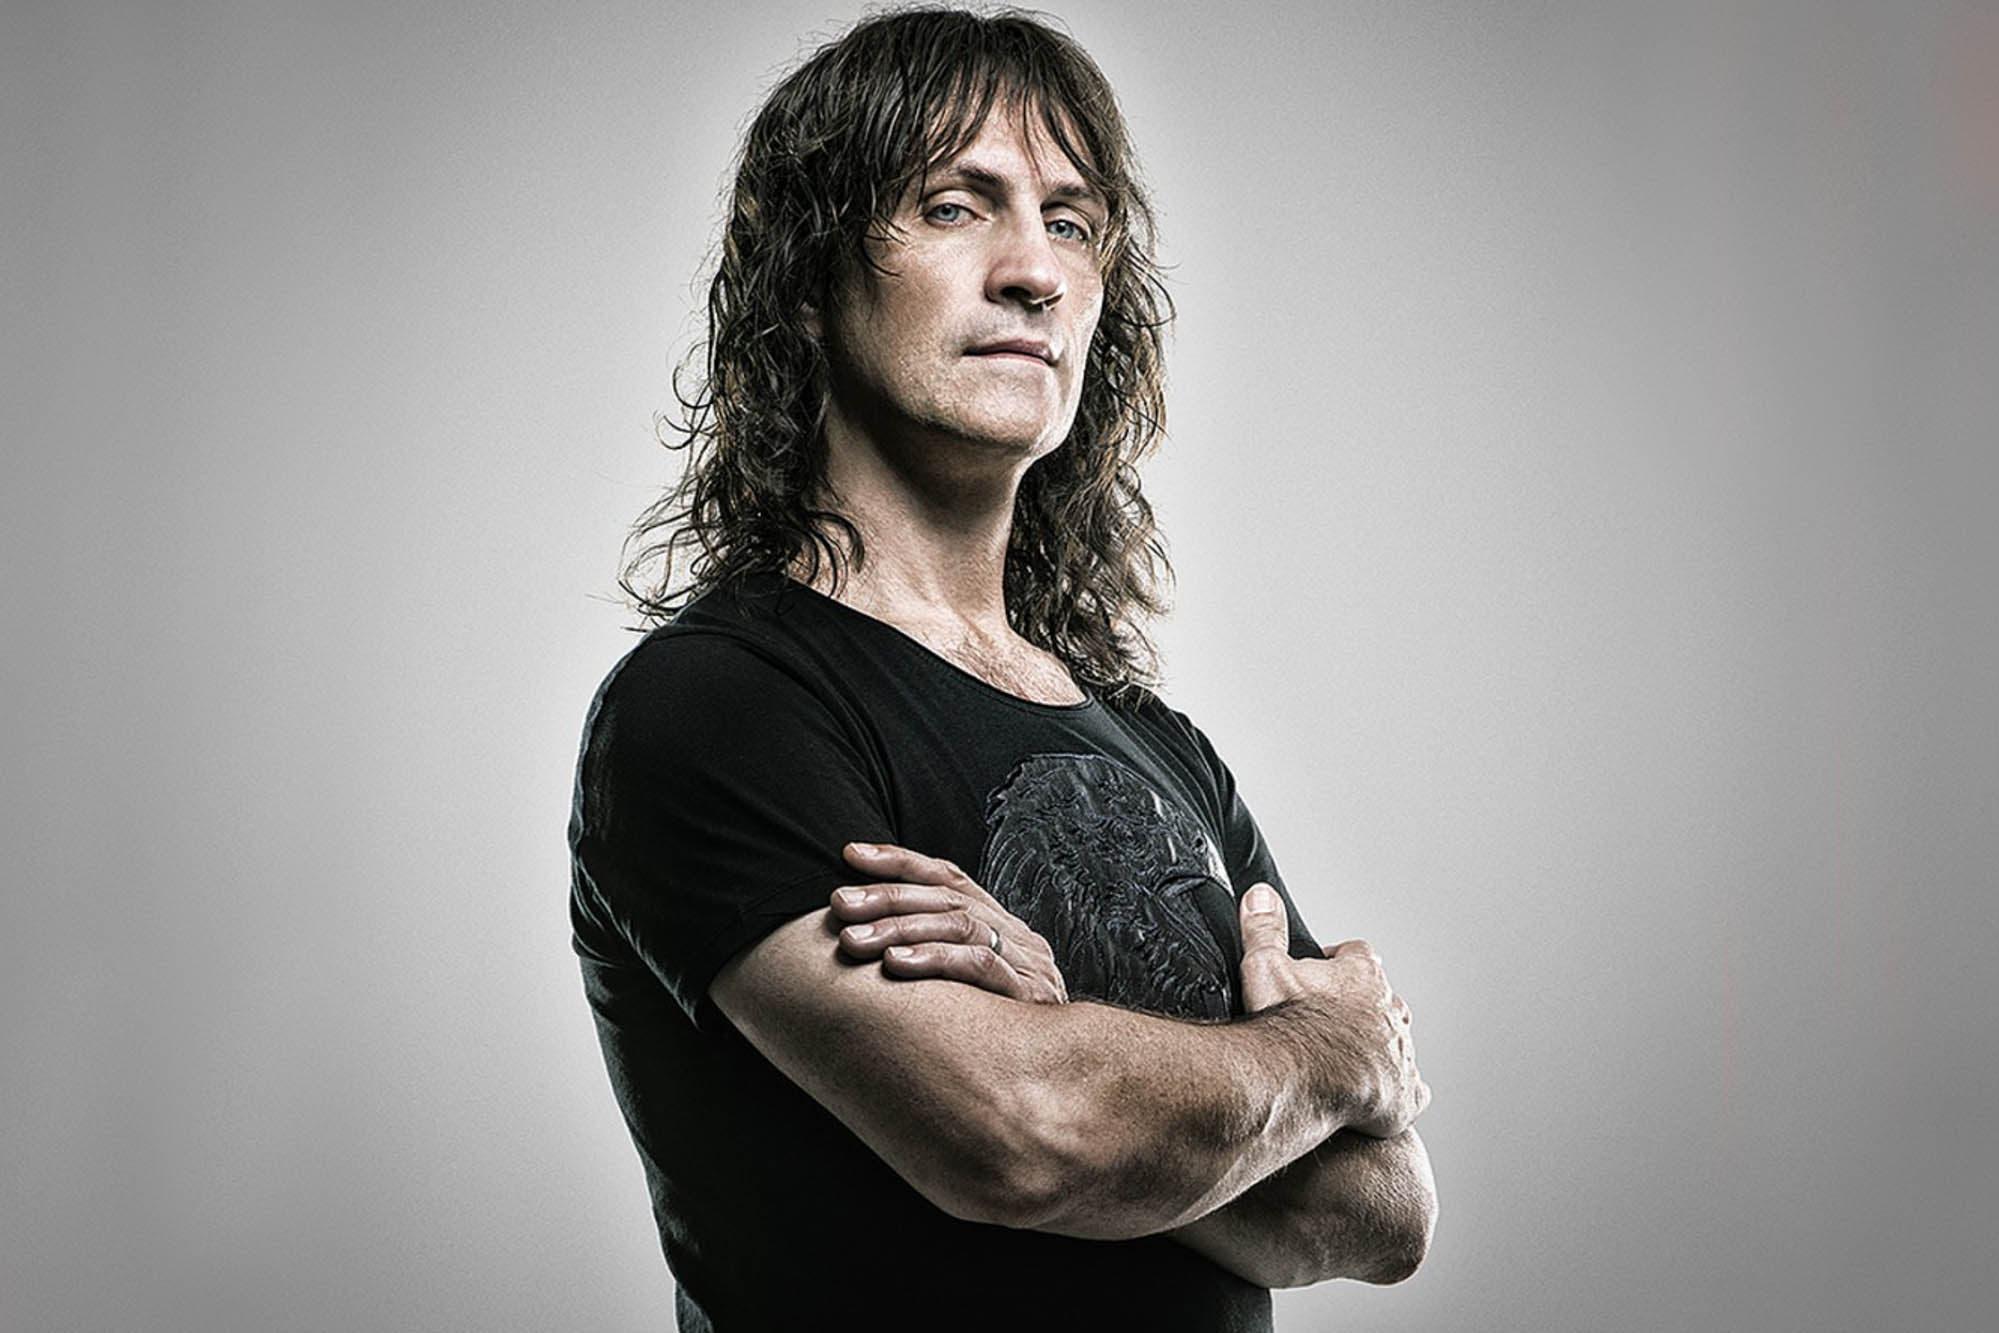 El Top 5 del metal argentino según Alberto Zamarbide